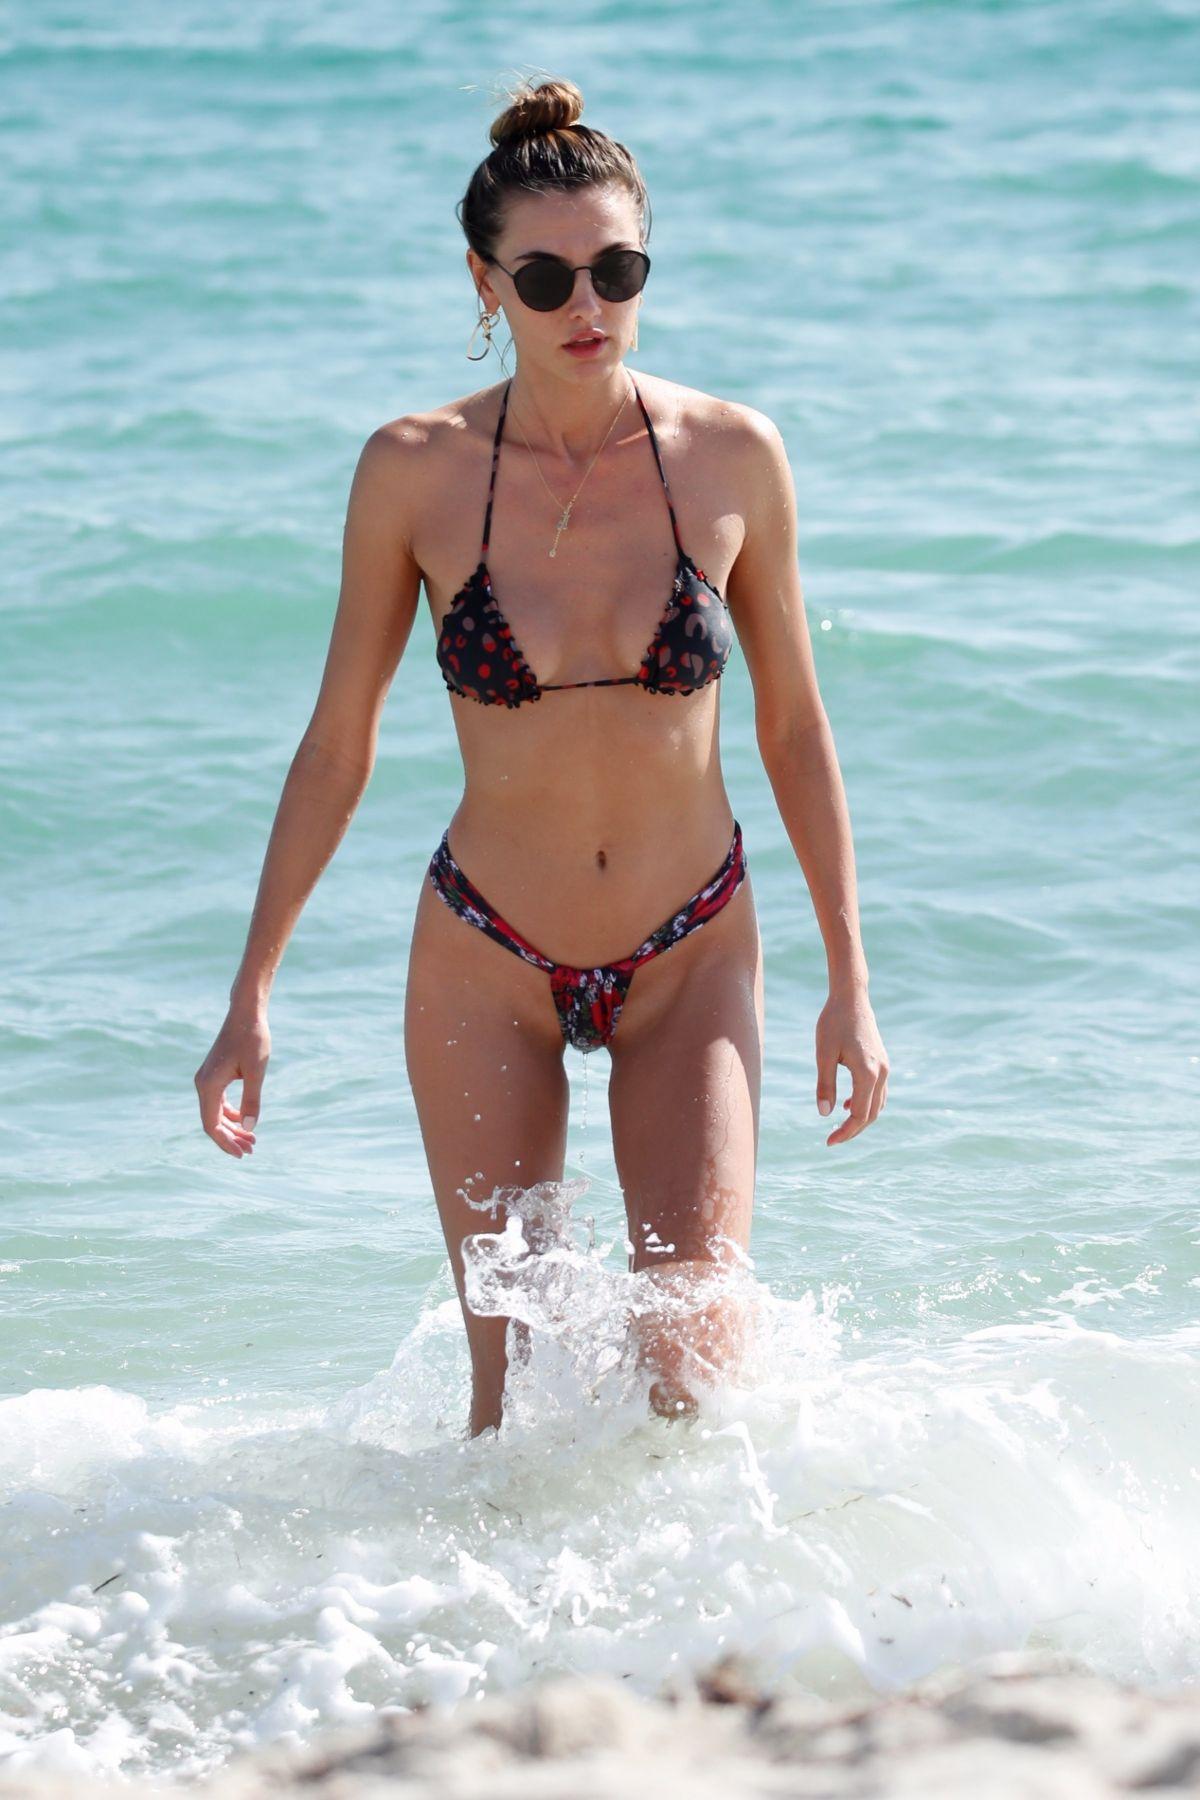 Lily Moulton in White Bikini on the beach in Miami Pic 19 of 35